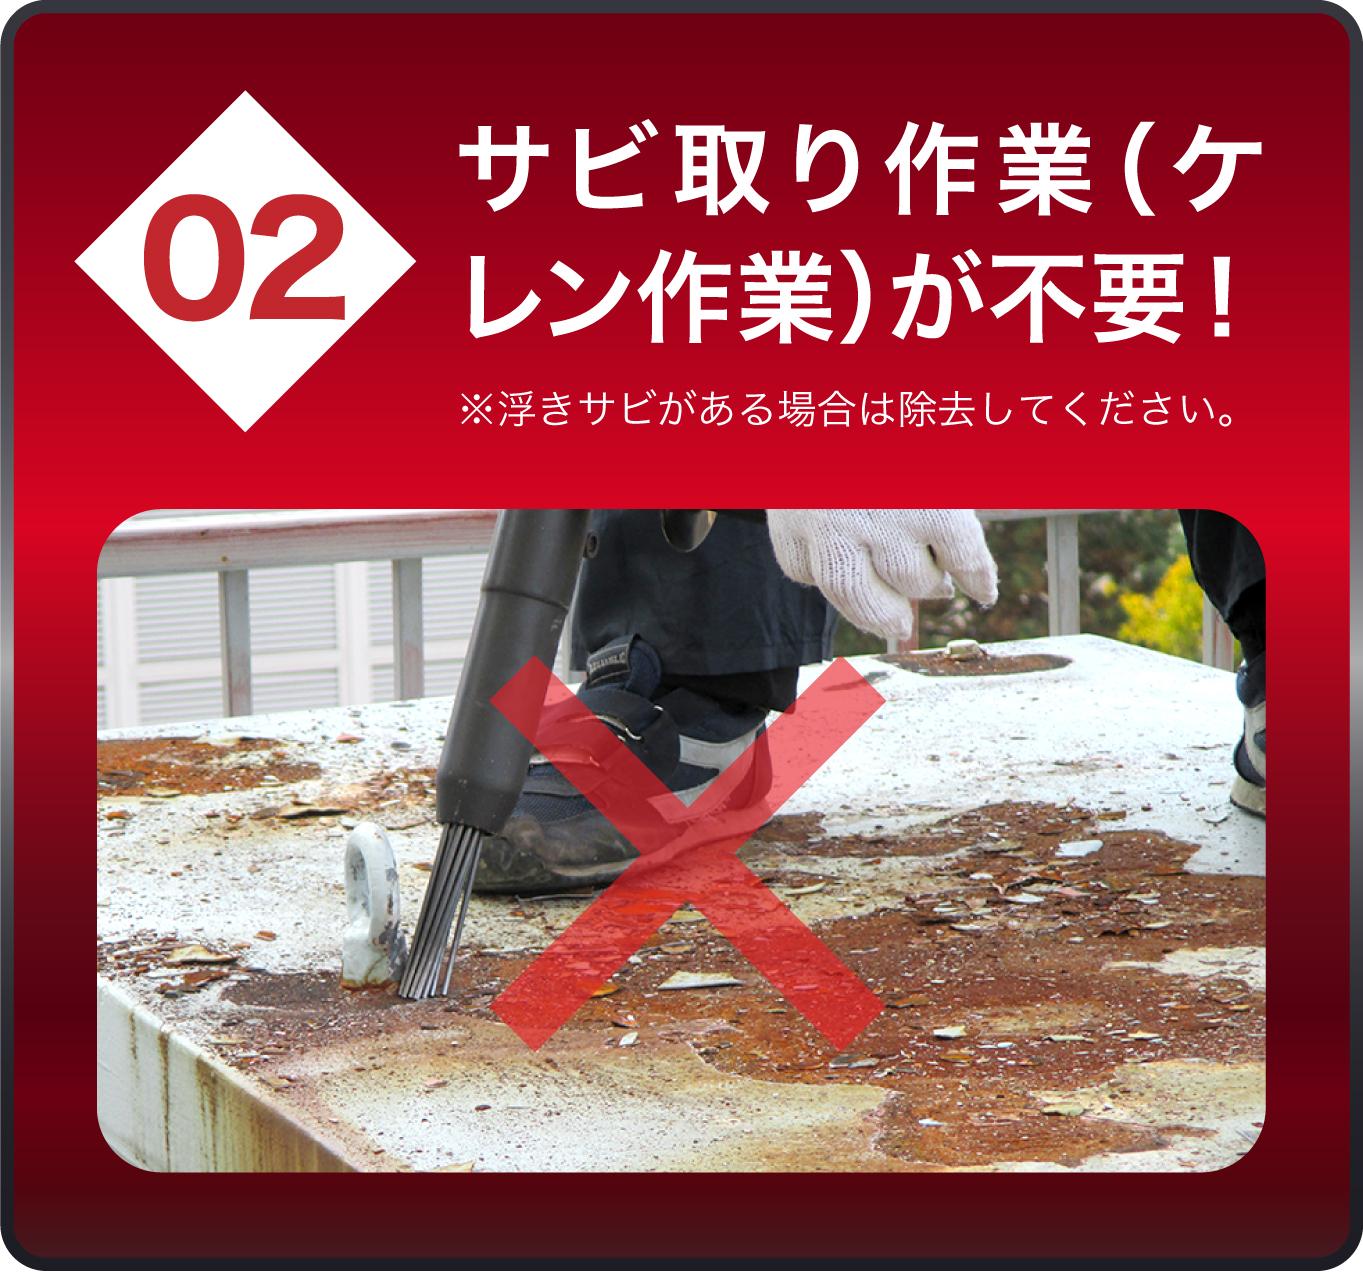 02 サビ取り作業(ケレン作業)が不要!